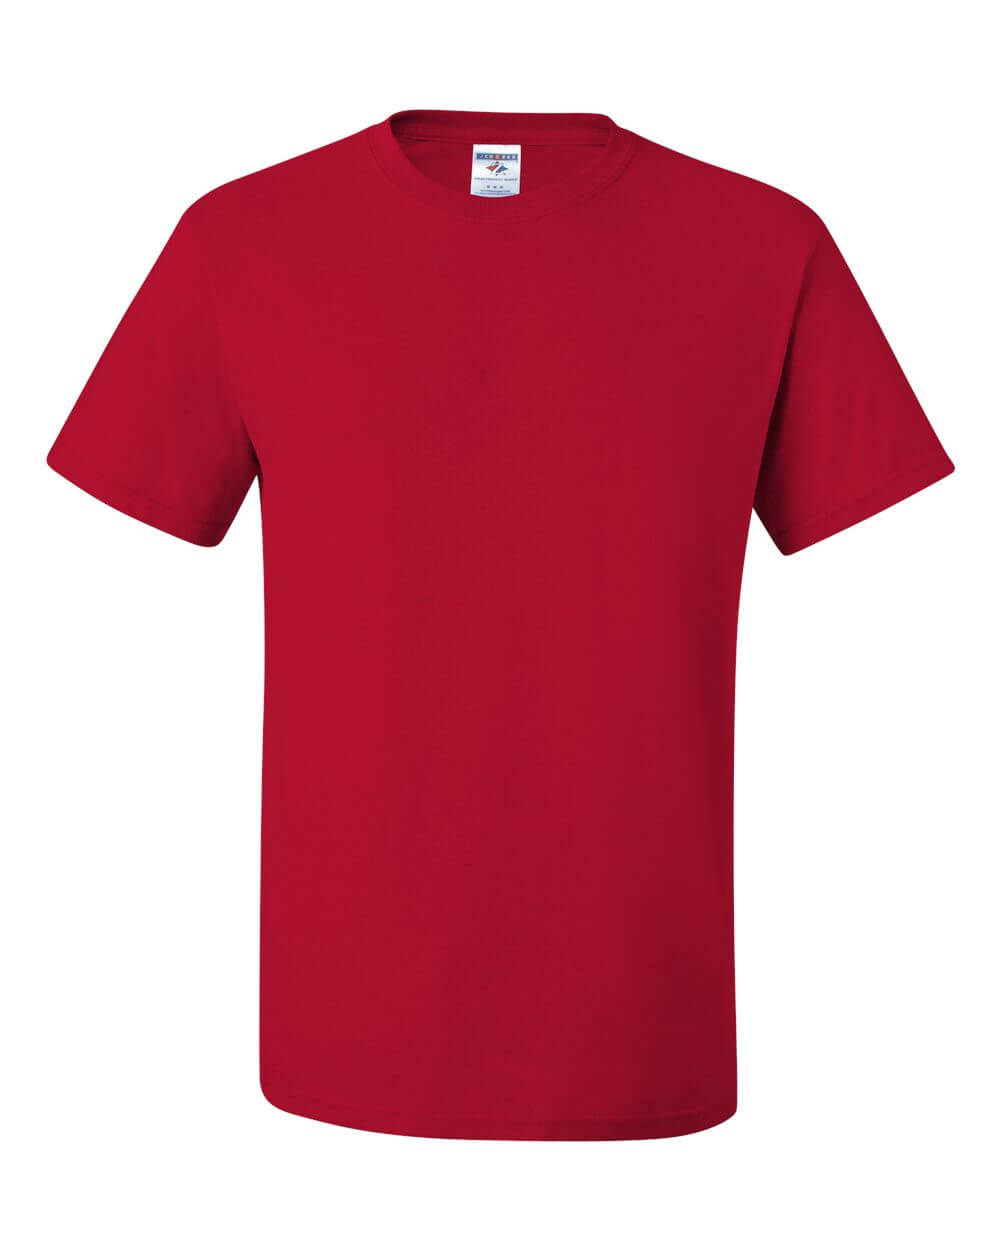 Jerzees Dri Power Red Custom T Shirts